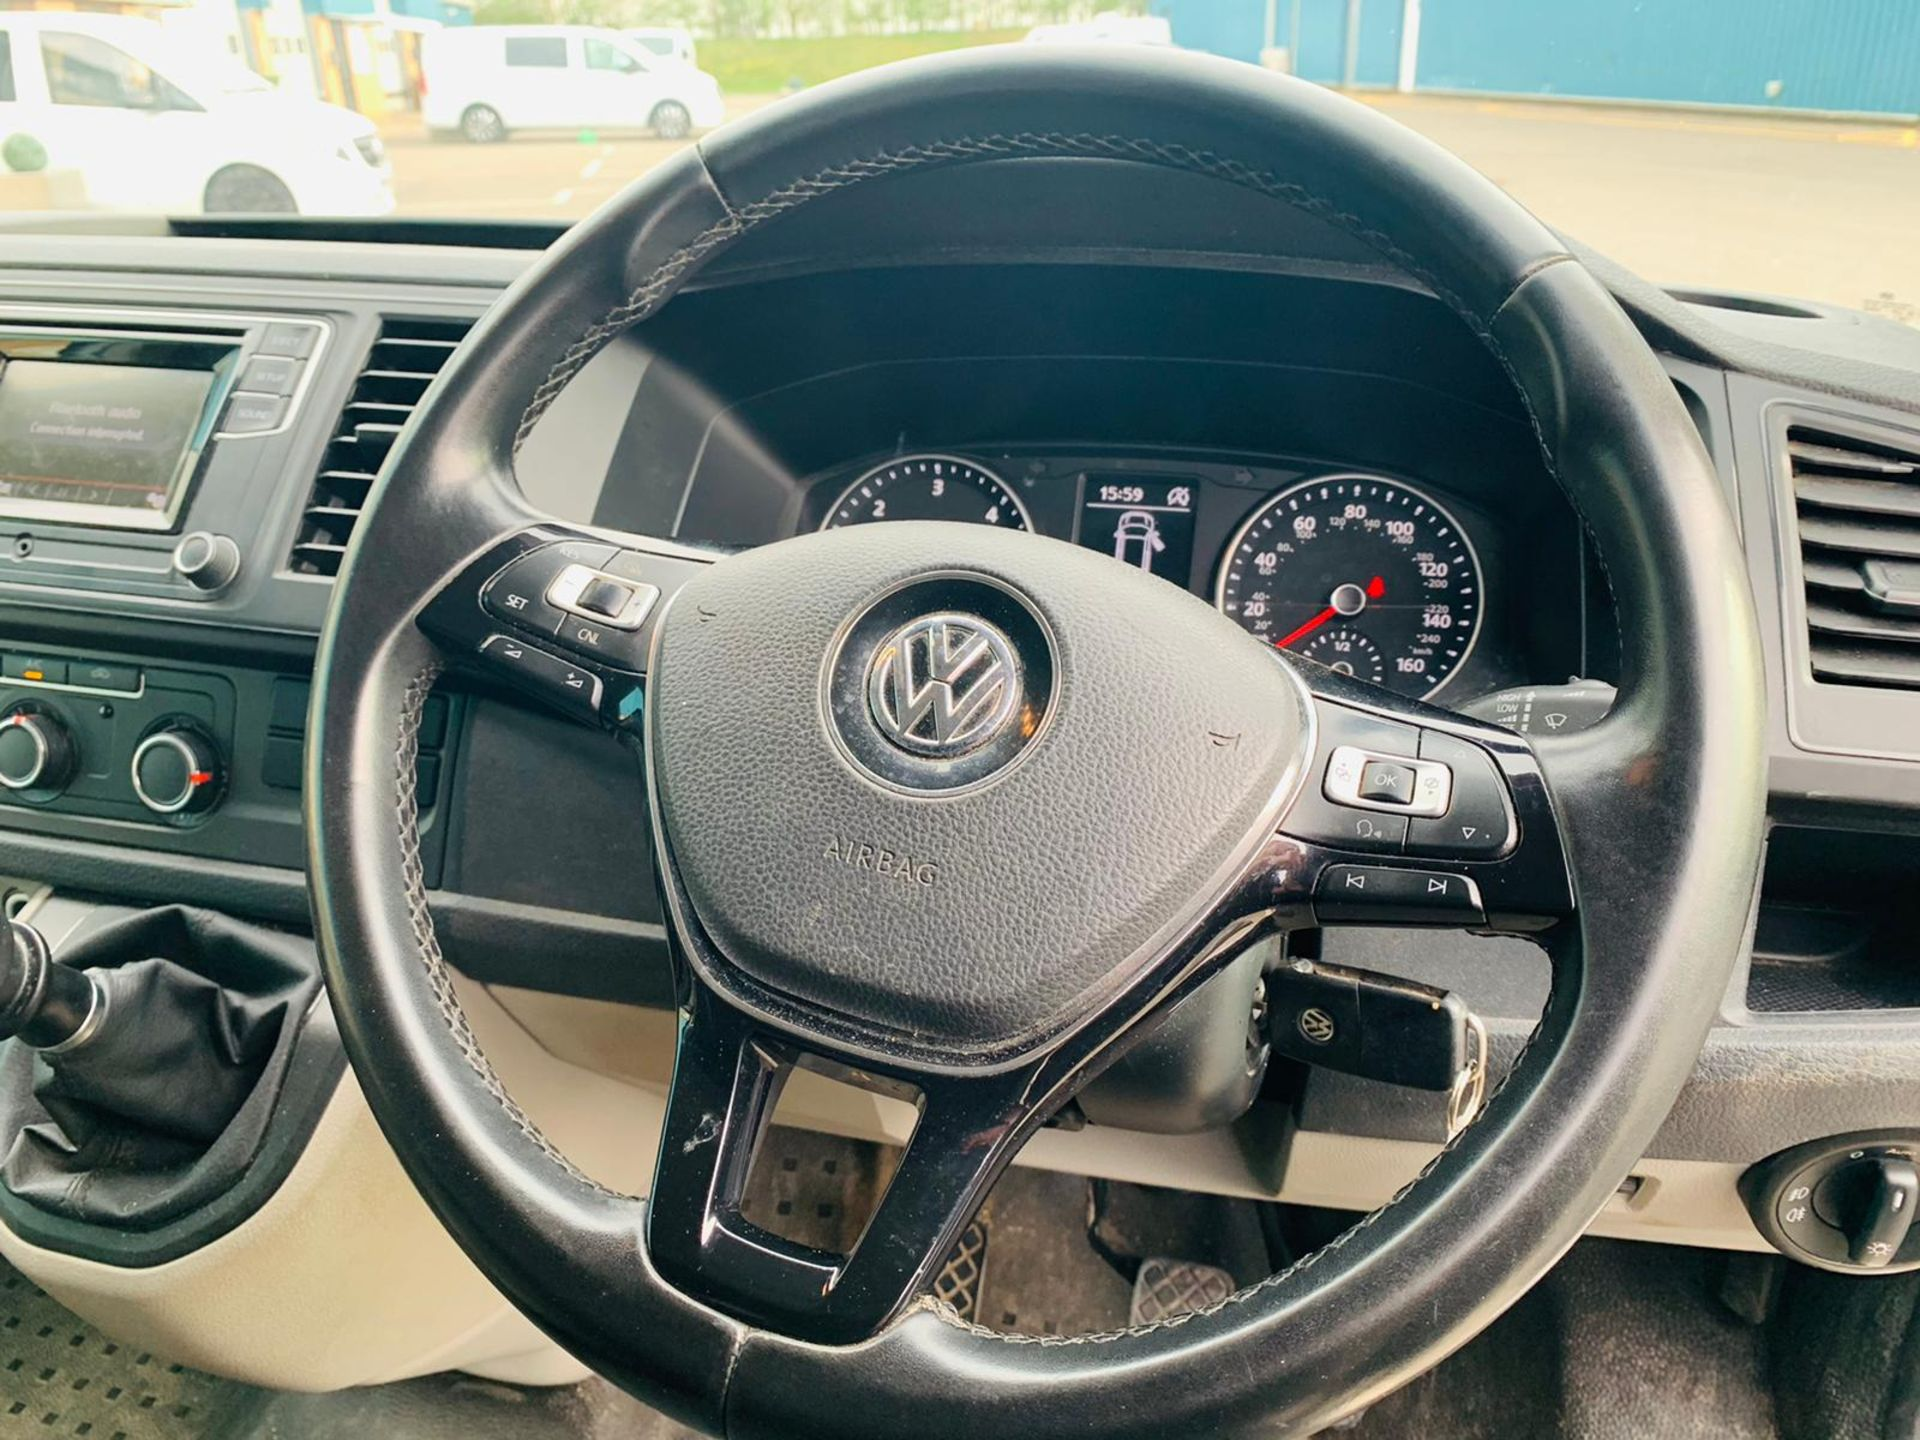 (RESERVE MET) Volkswagen (VW) Transporter 2.0 TDI 150 Highline T28 2018 18 Reg - Parking Sensors - - Image 13 of 23